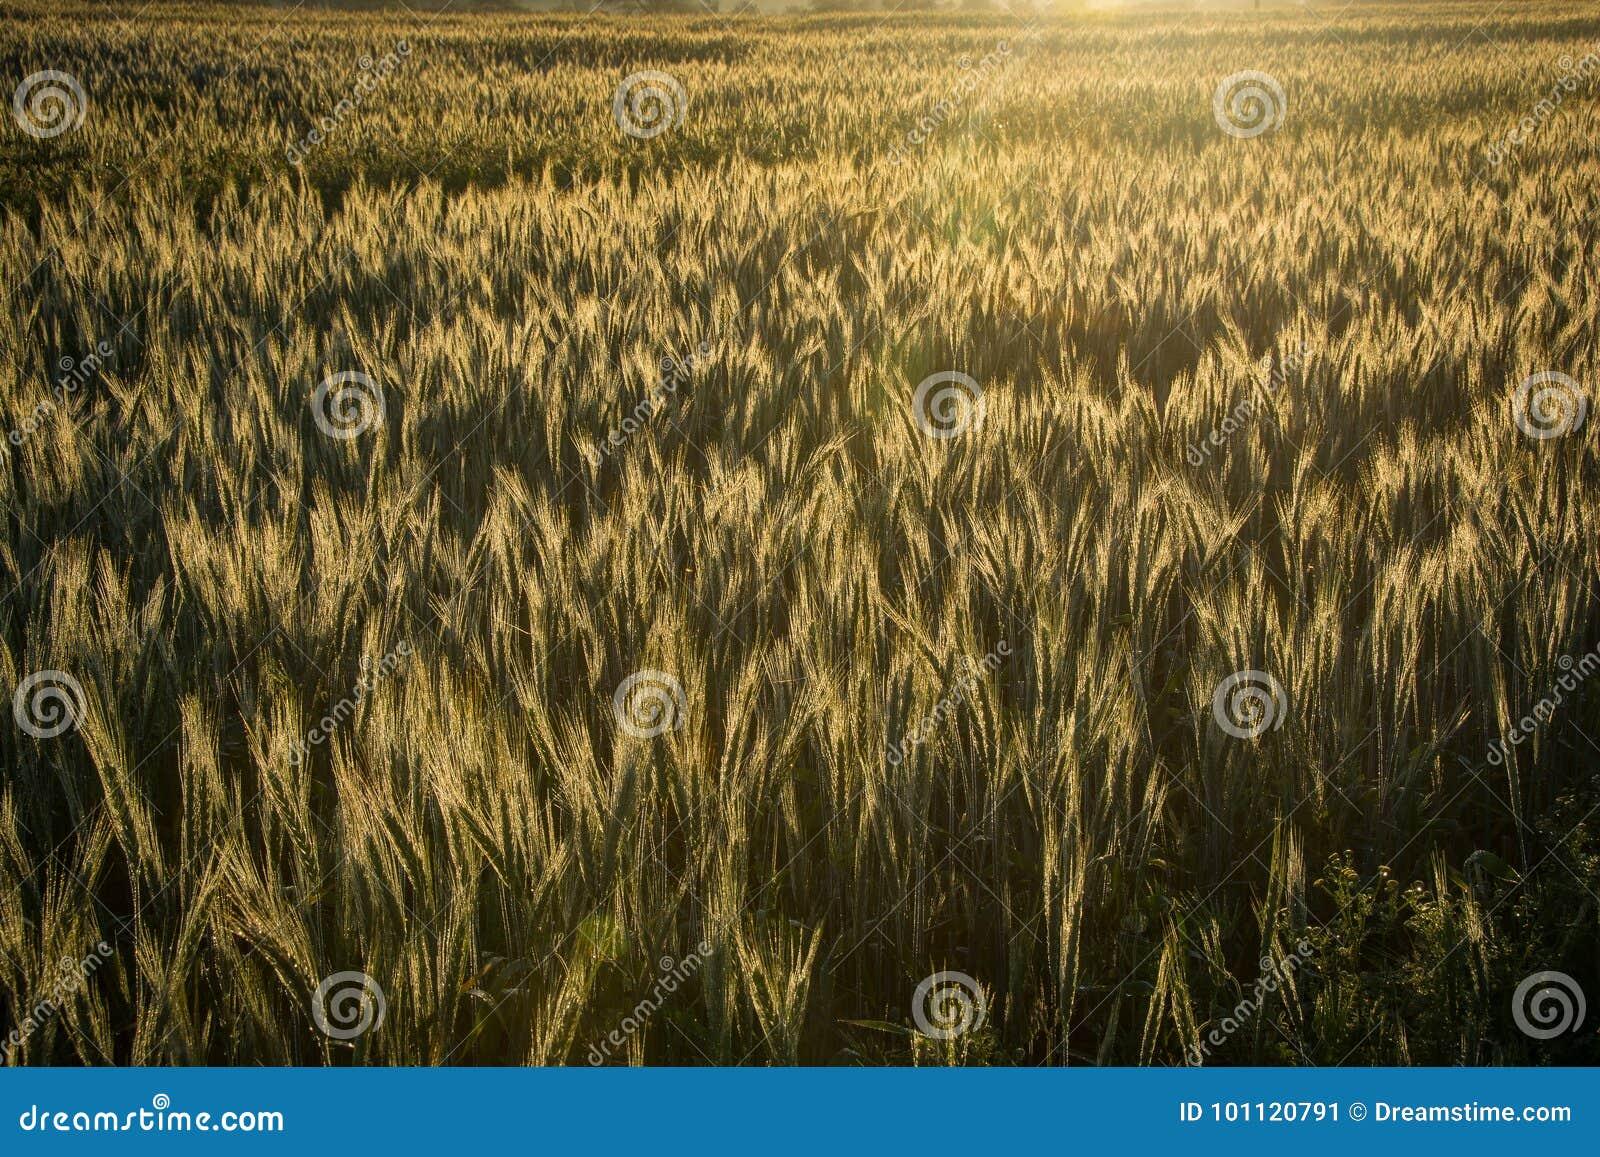 La luz de la madrugada de la salida del sol hace excursionismo el campo de trigo en una granja